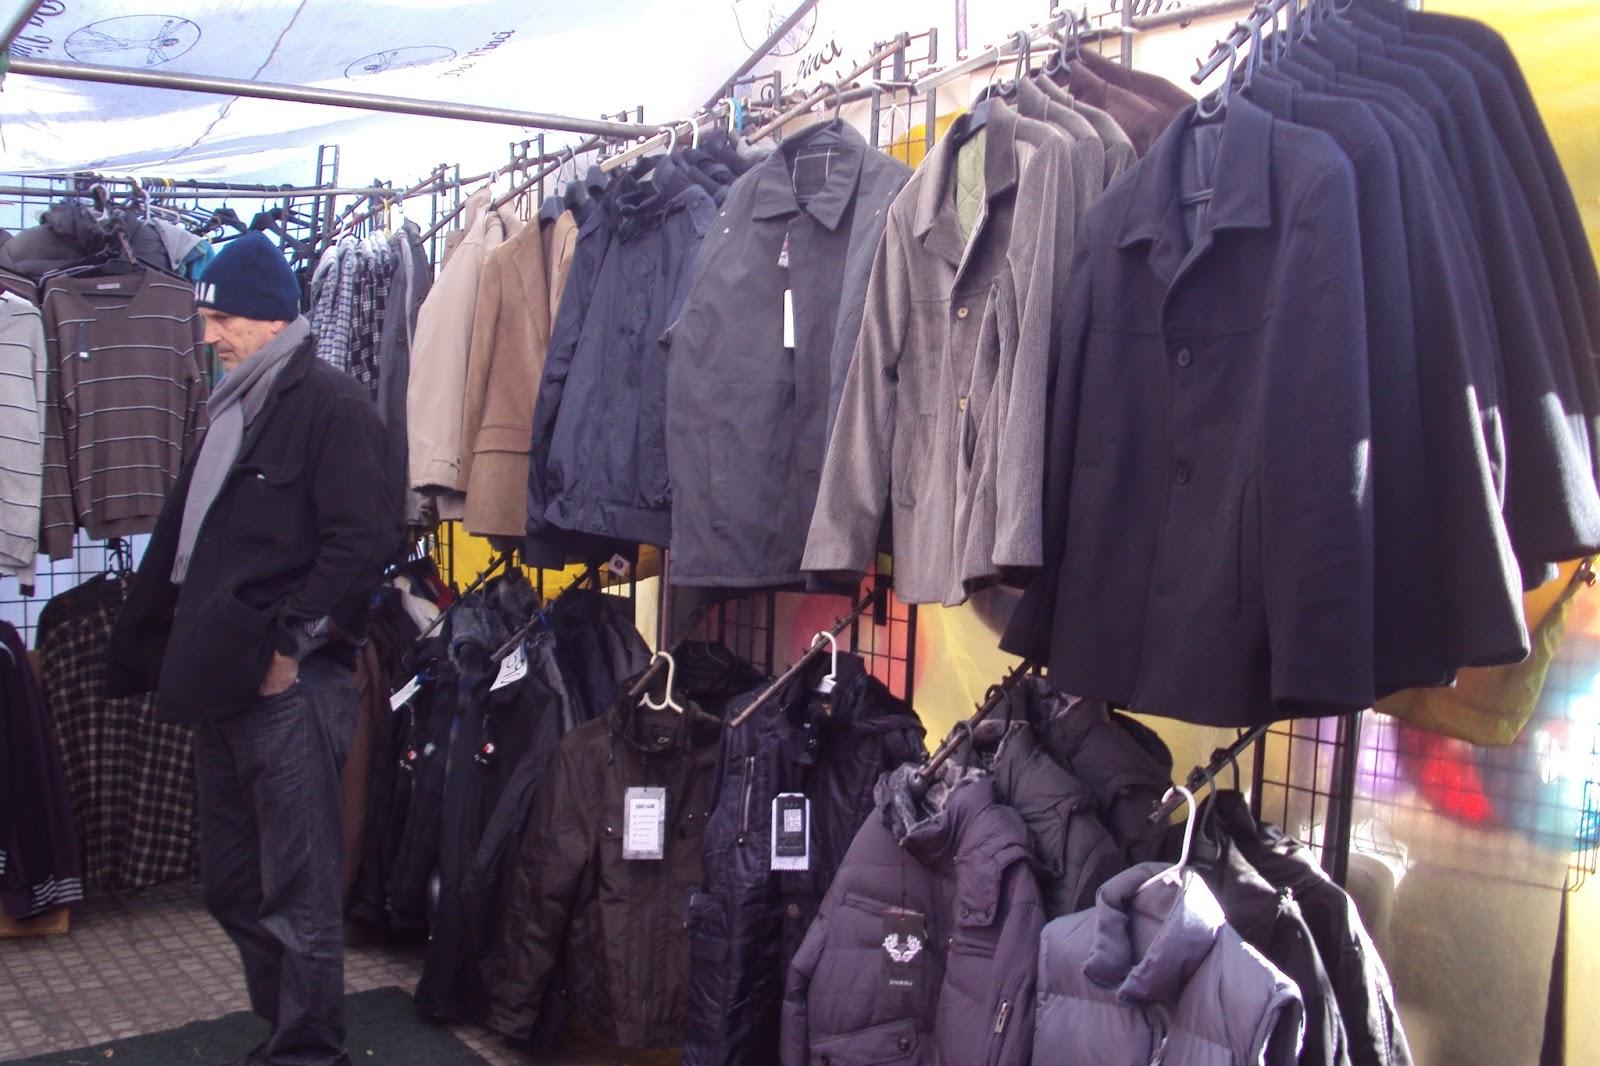 Feiras em Montevidéu: roupas